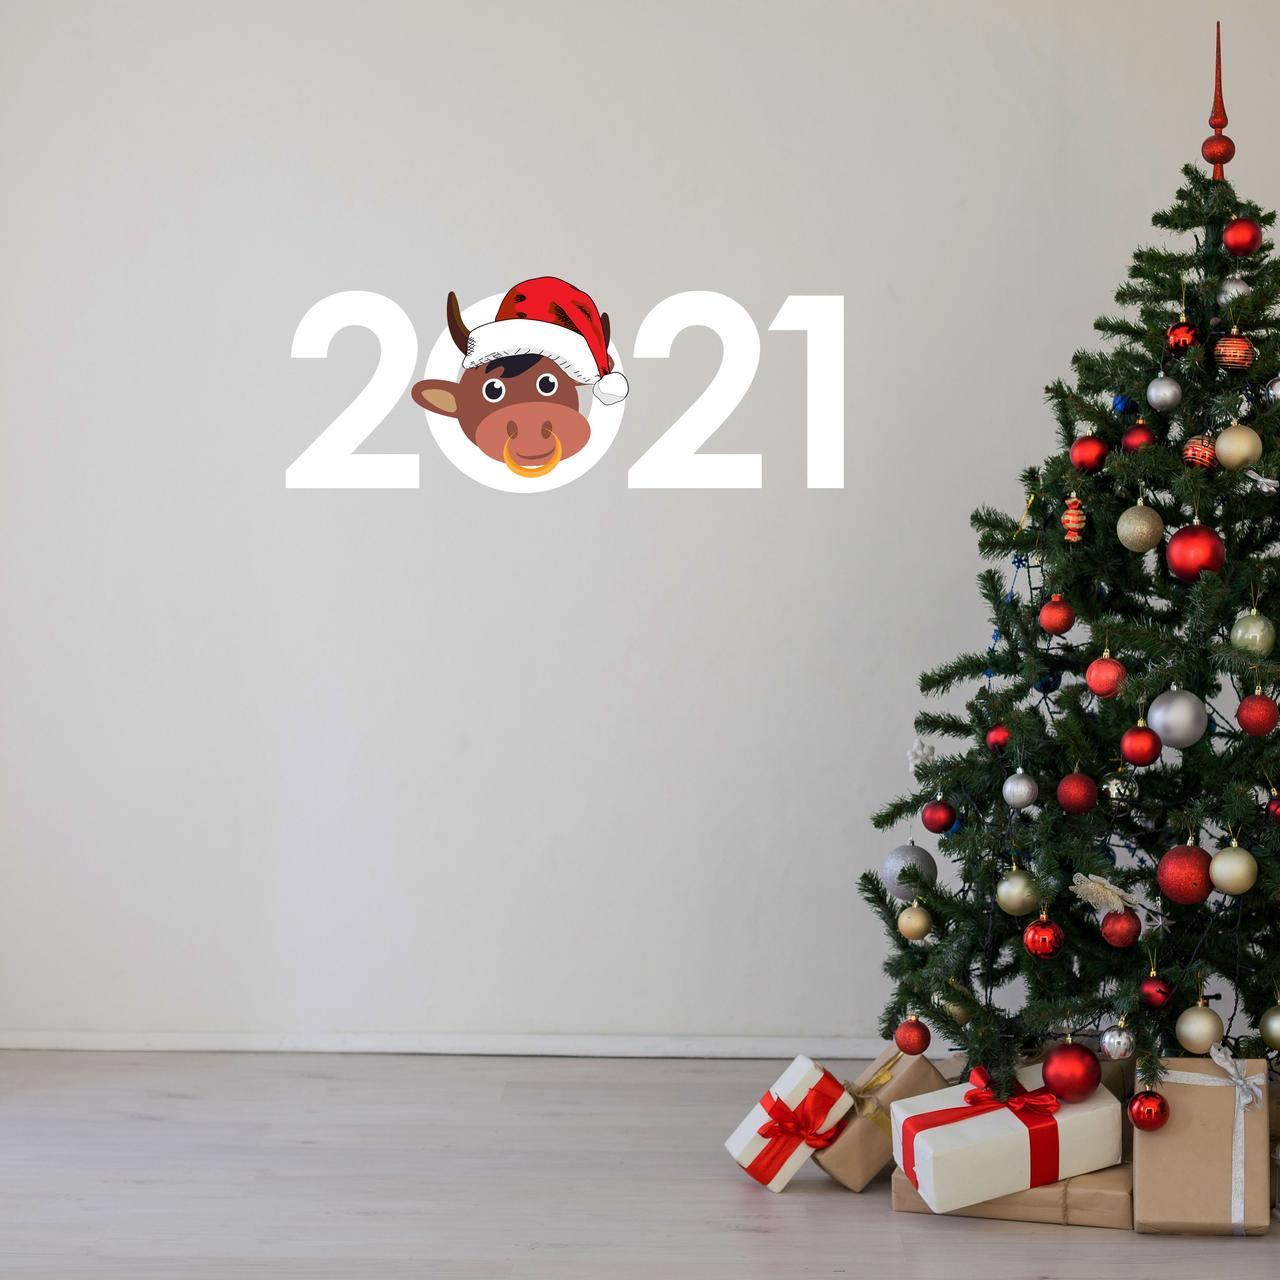 Новогодняя виниловая наклейка Год Быка (белая) 500х200мм ( новый год 2021, наклейки, украшение дома,